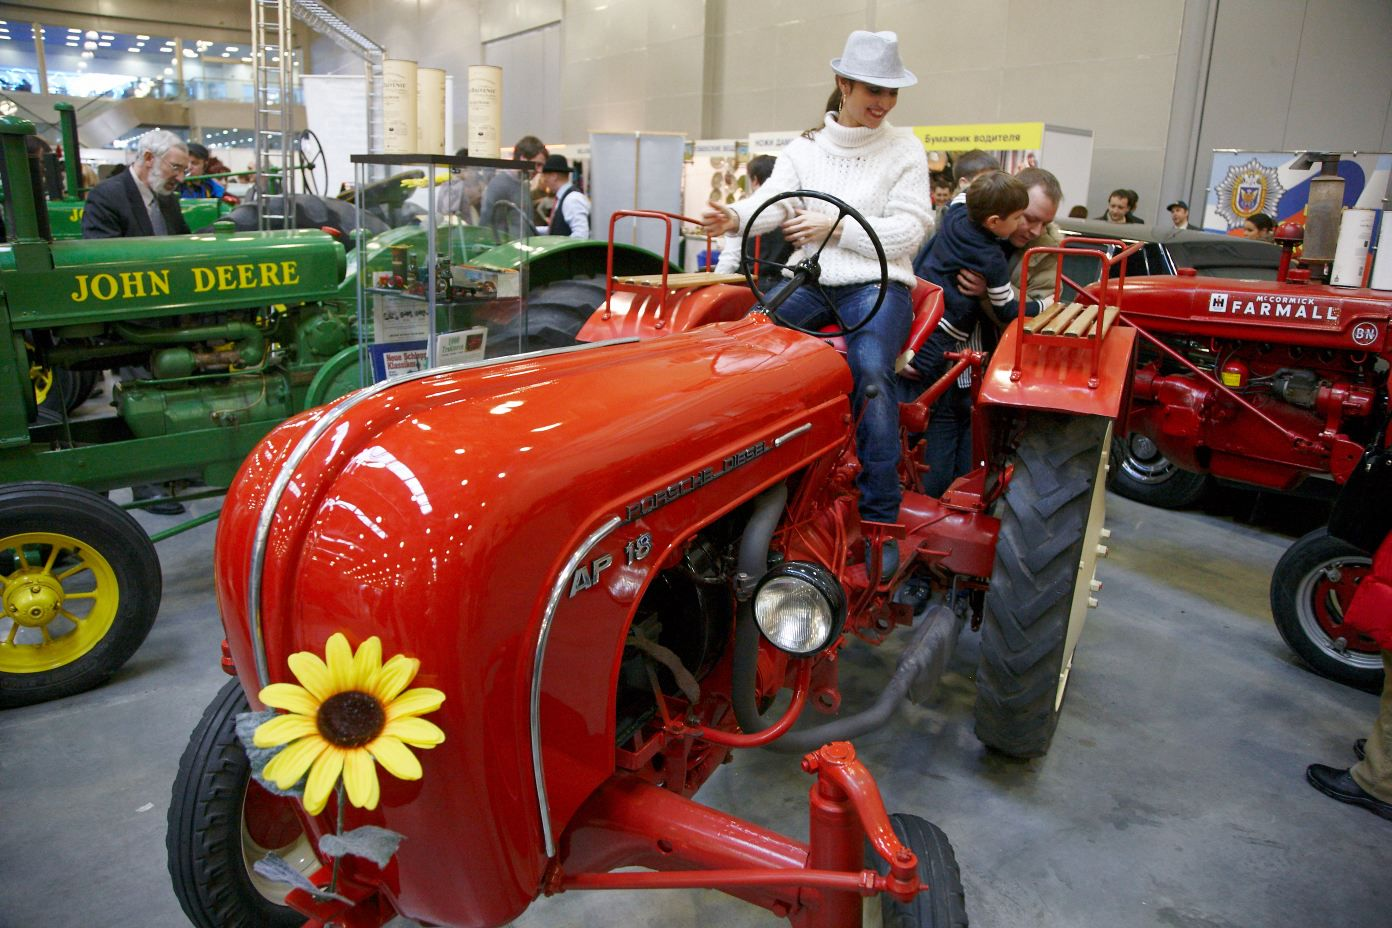 Выставка старинных автомобилей и антиквариата «Олдтаймер-Галерея»